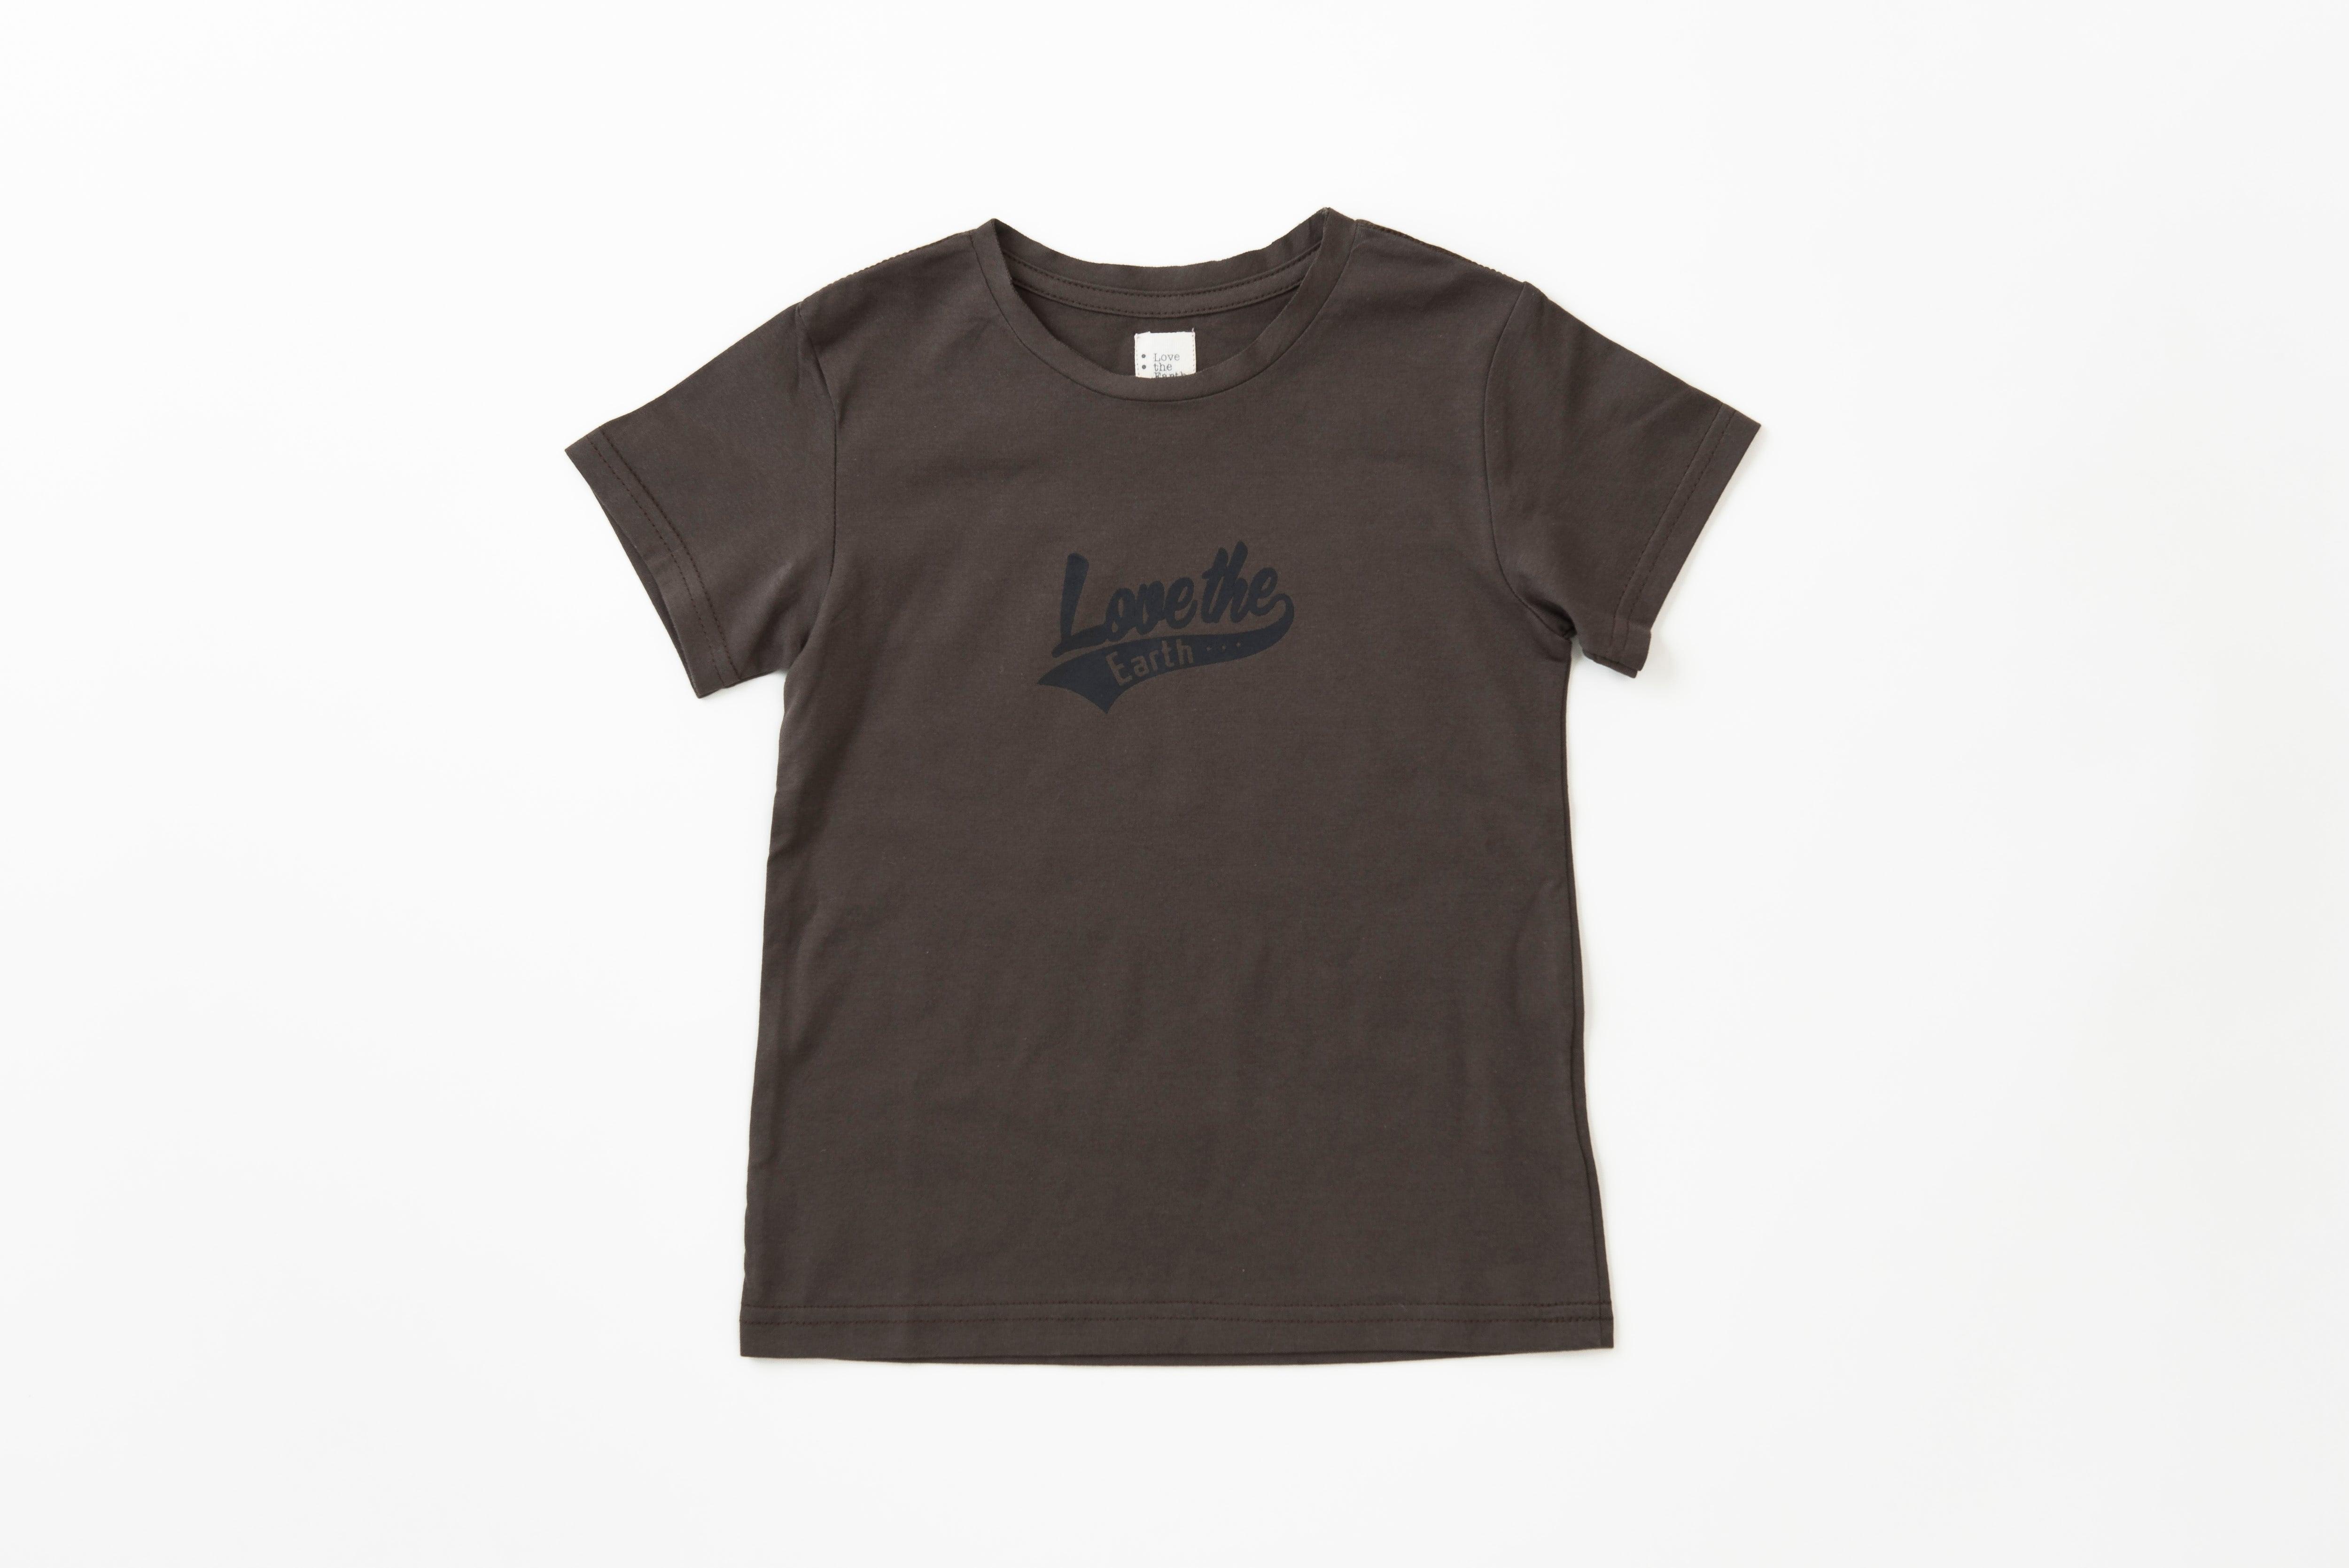 LtEロゴプリントTシャツ(ブラウン)